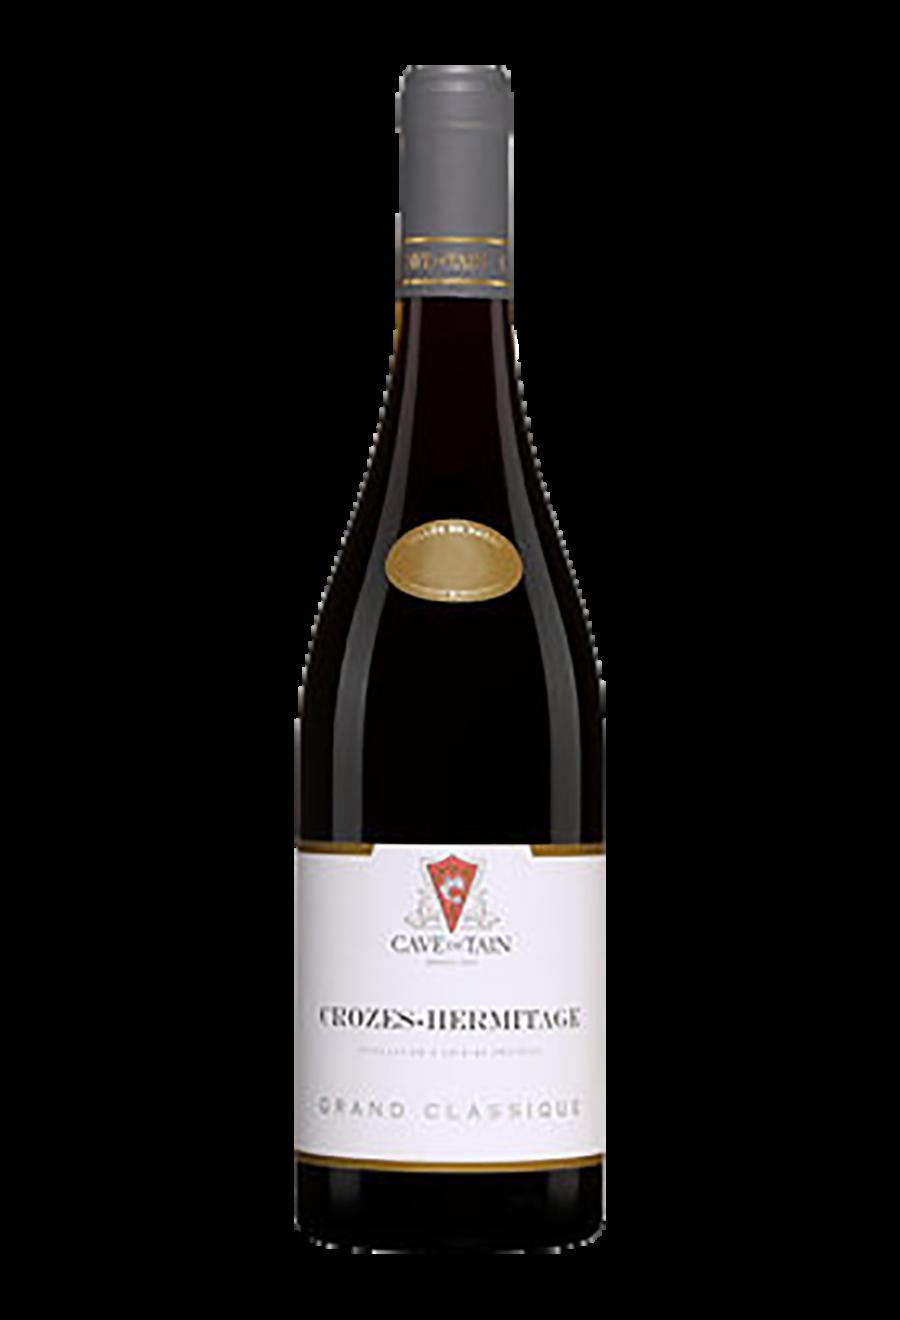 vin rouge crozes hermitage grand clssique 2018 vallée du rhone